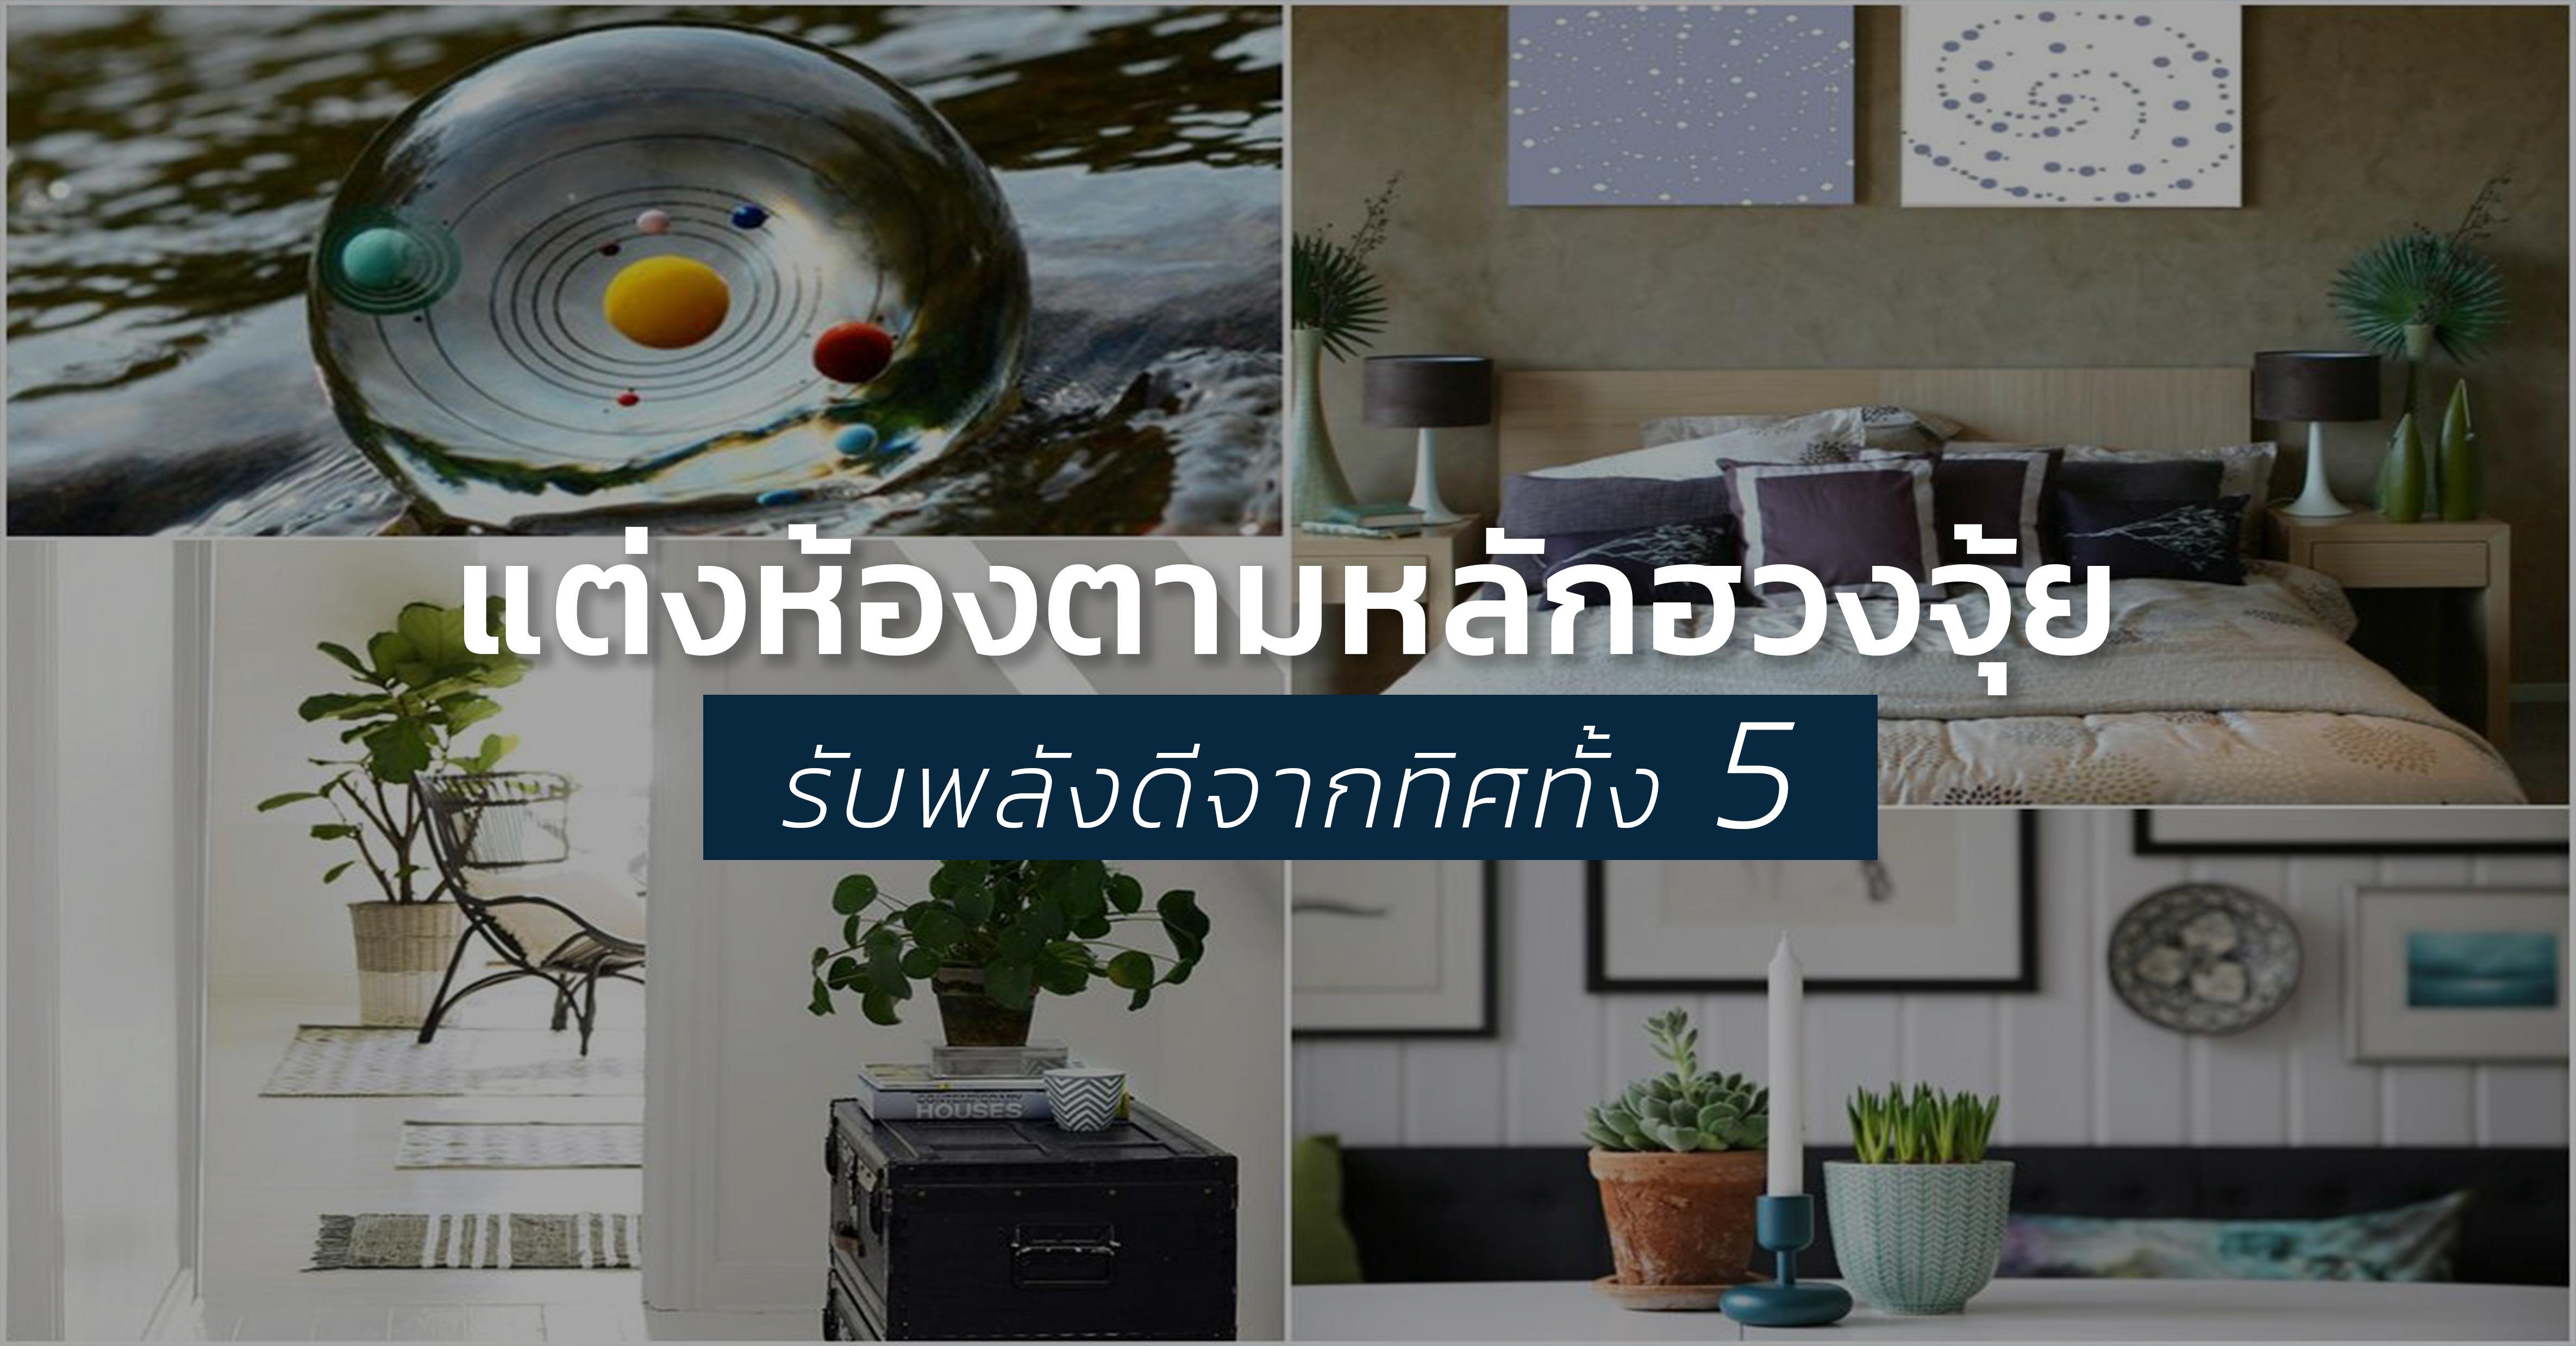 รูปบทความ แต่งห้องตามหลักฮวงจุ้ย เสริมโชคลาภ รับพลังที่ดีจากทิศทั้ง 5 ประจำปี 2561